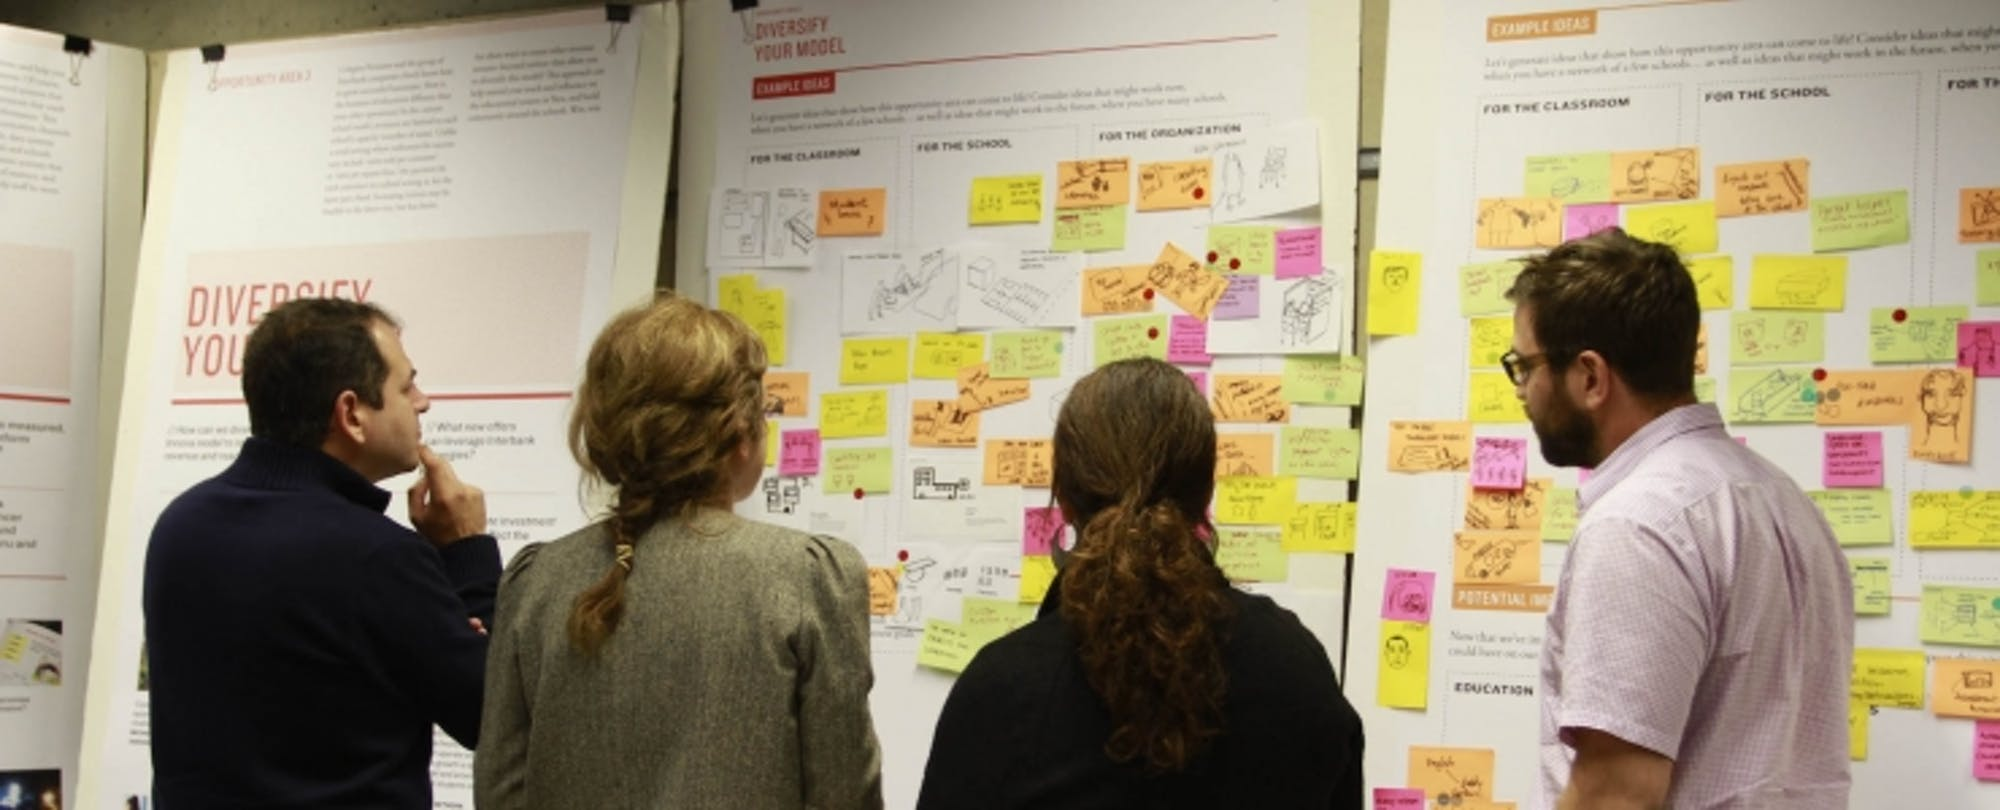 team buidling speakers. 5 dysfunctions of a team, team building webinars, top ledership speakers.jpg